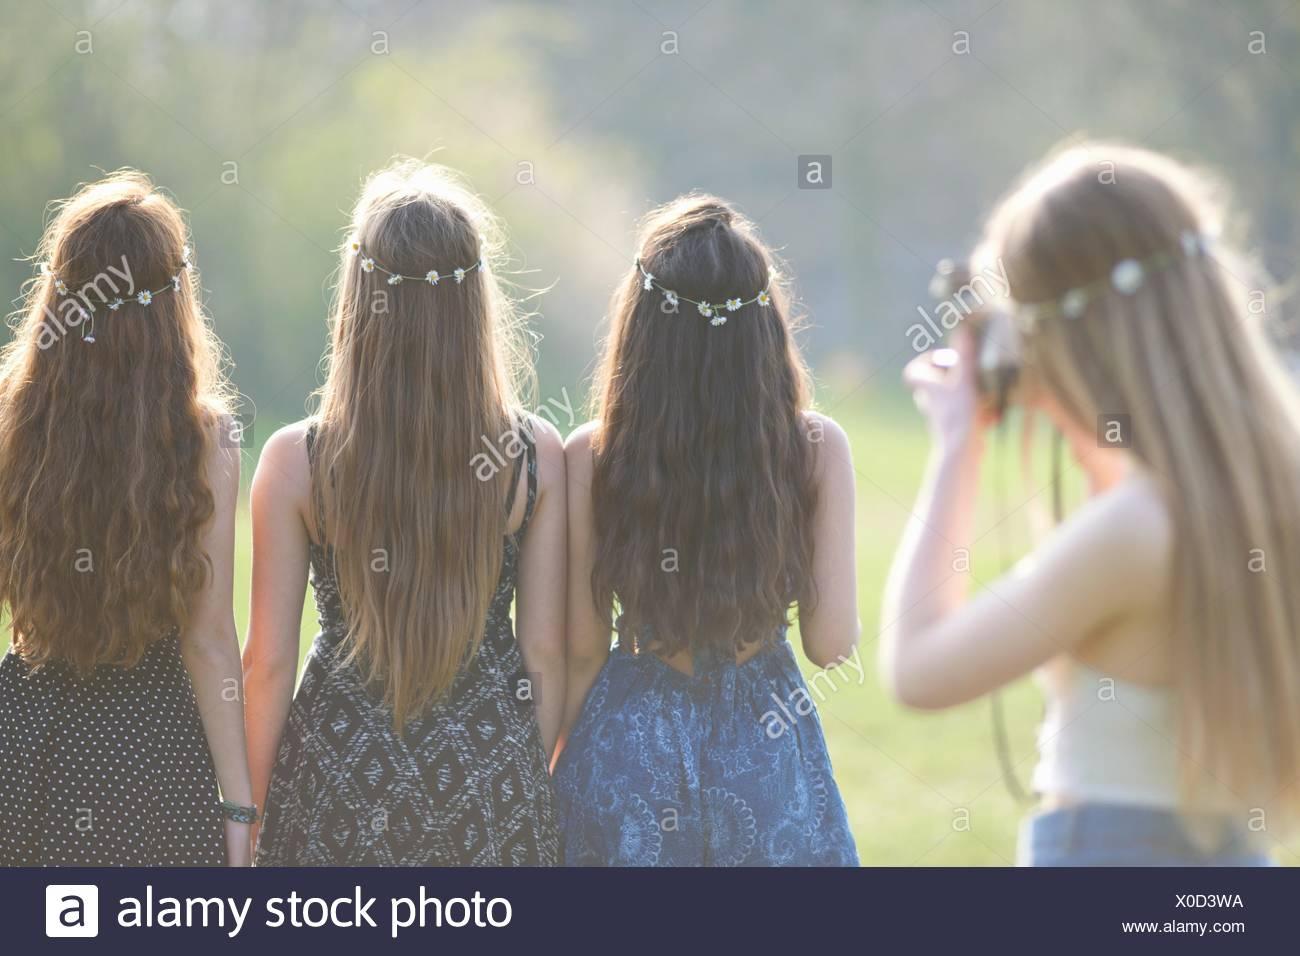 Rückansicht des Teenager-Mädchen fotografieren Freunde tragen Daisy-Chain Kopfschmuck im park Stockbild